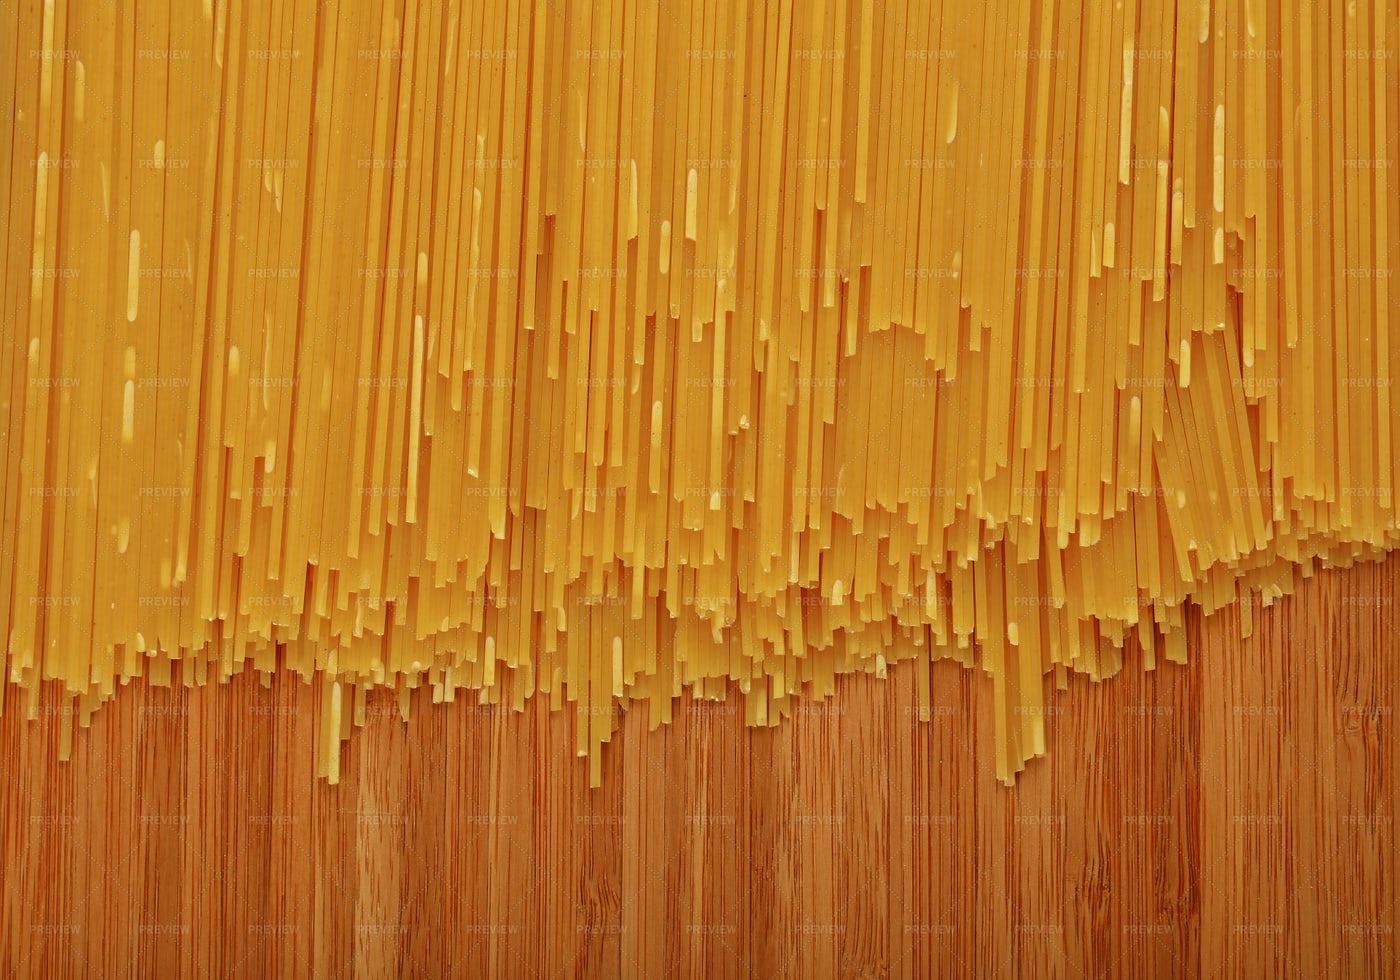 Background Of Spaghetti Pasta: Stock Photos